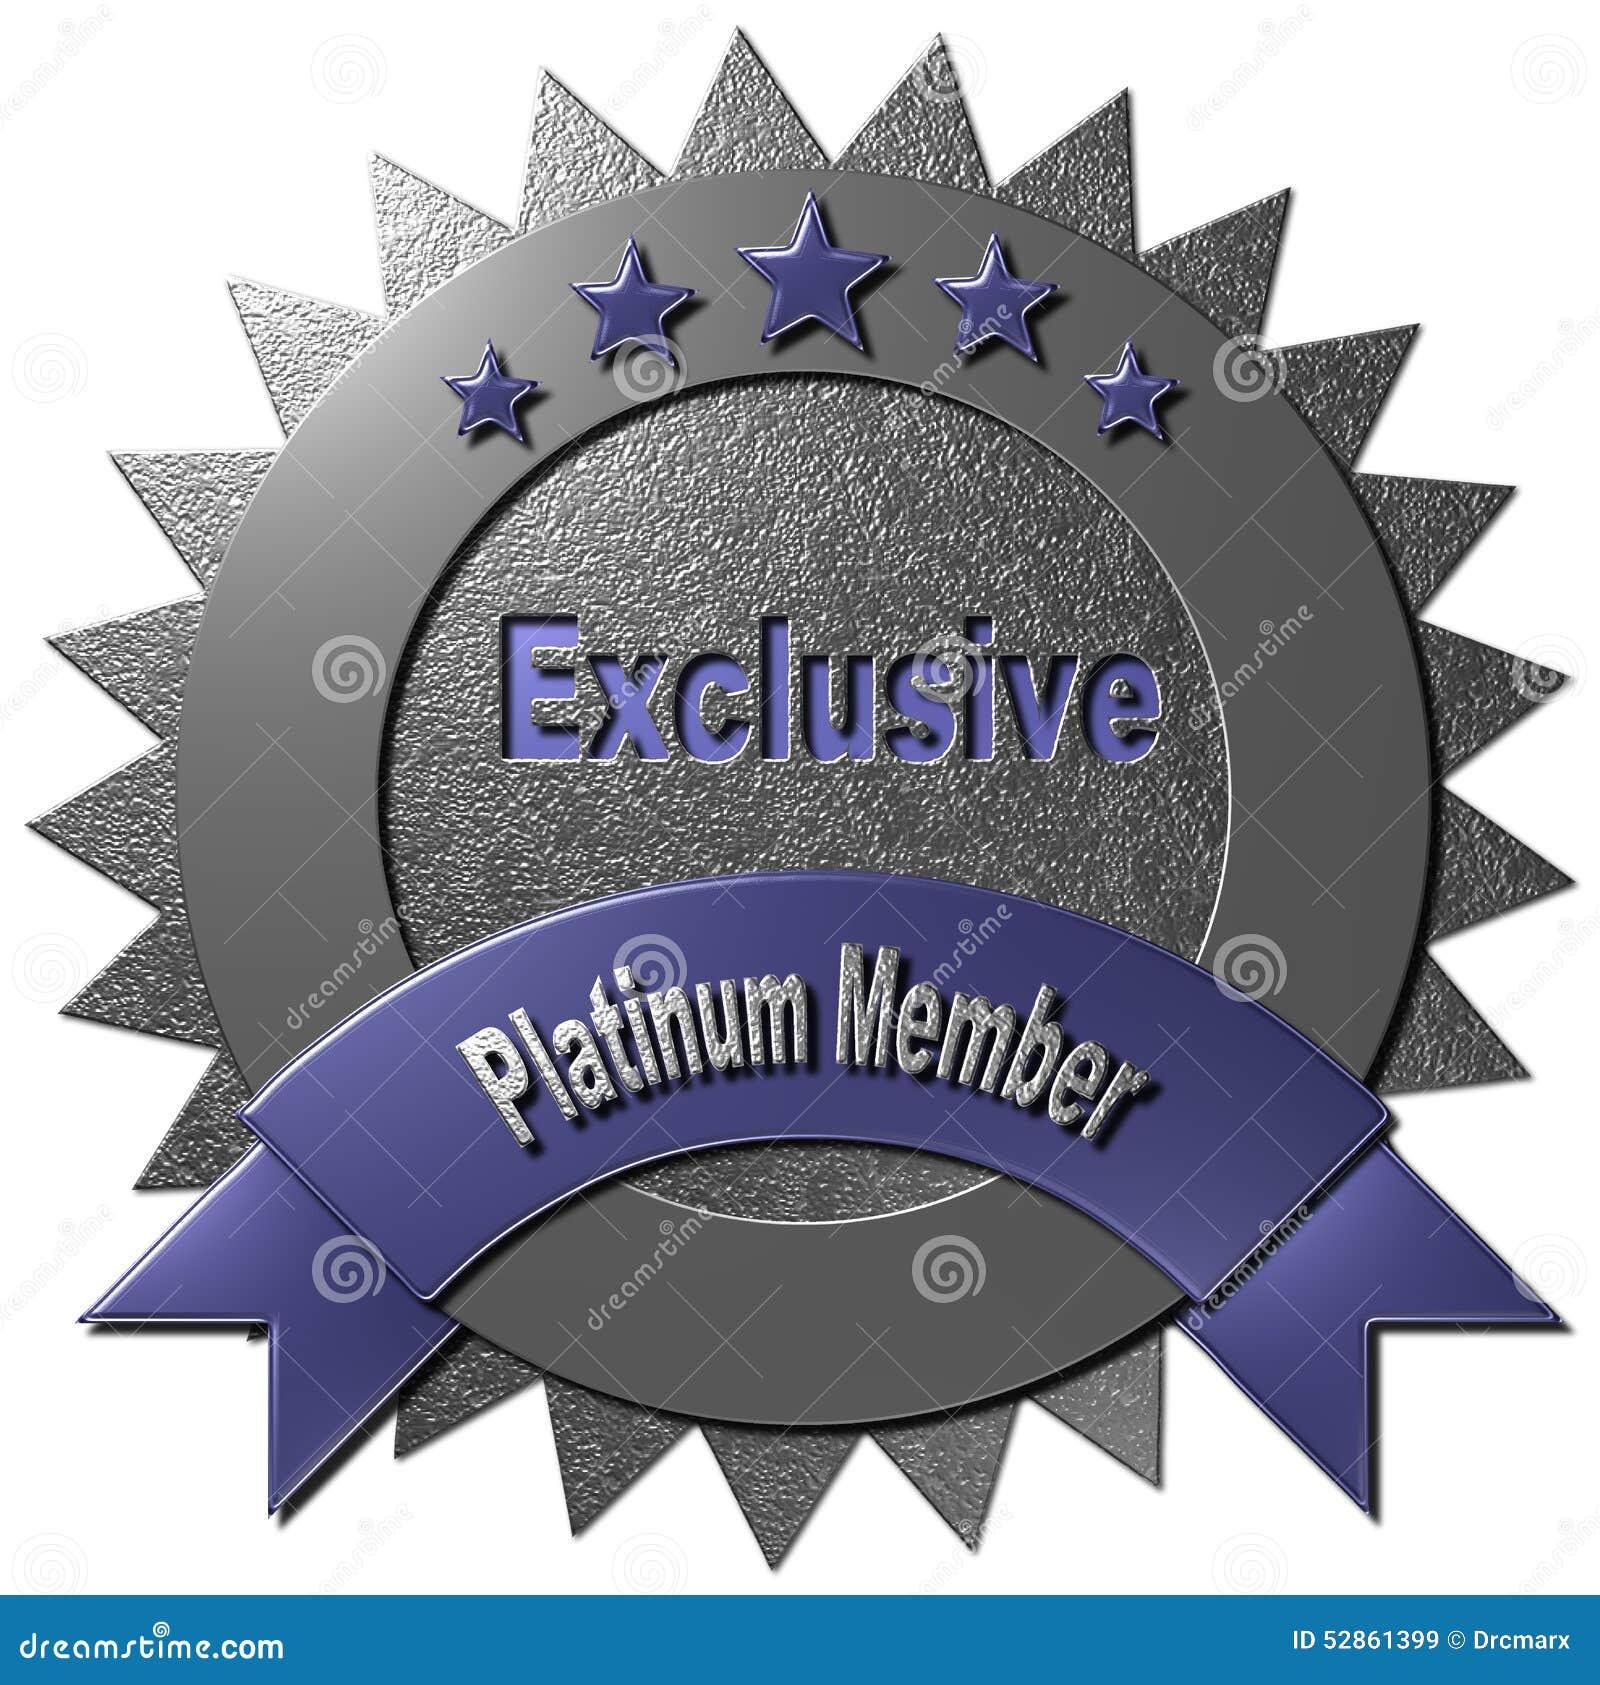 Ce joint de platine avec cinq étoiles déclarant le membre exclusif de  platine peut être utilisé sur le WWW ou n importe quel matériel  promotionnel pour ... be75707609